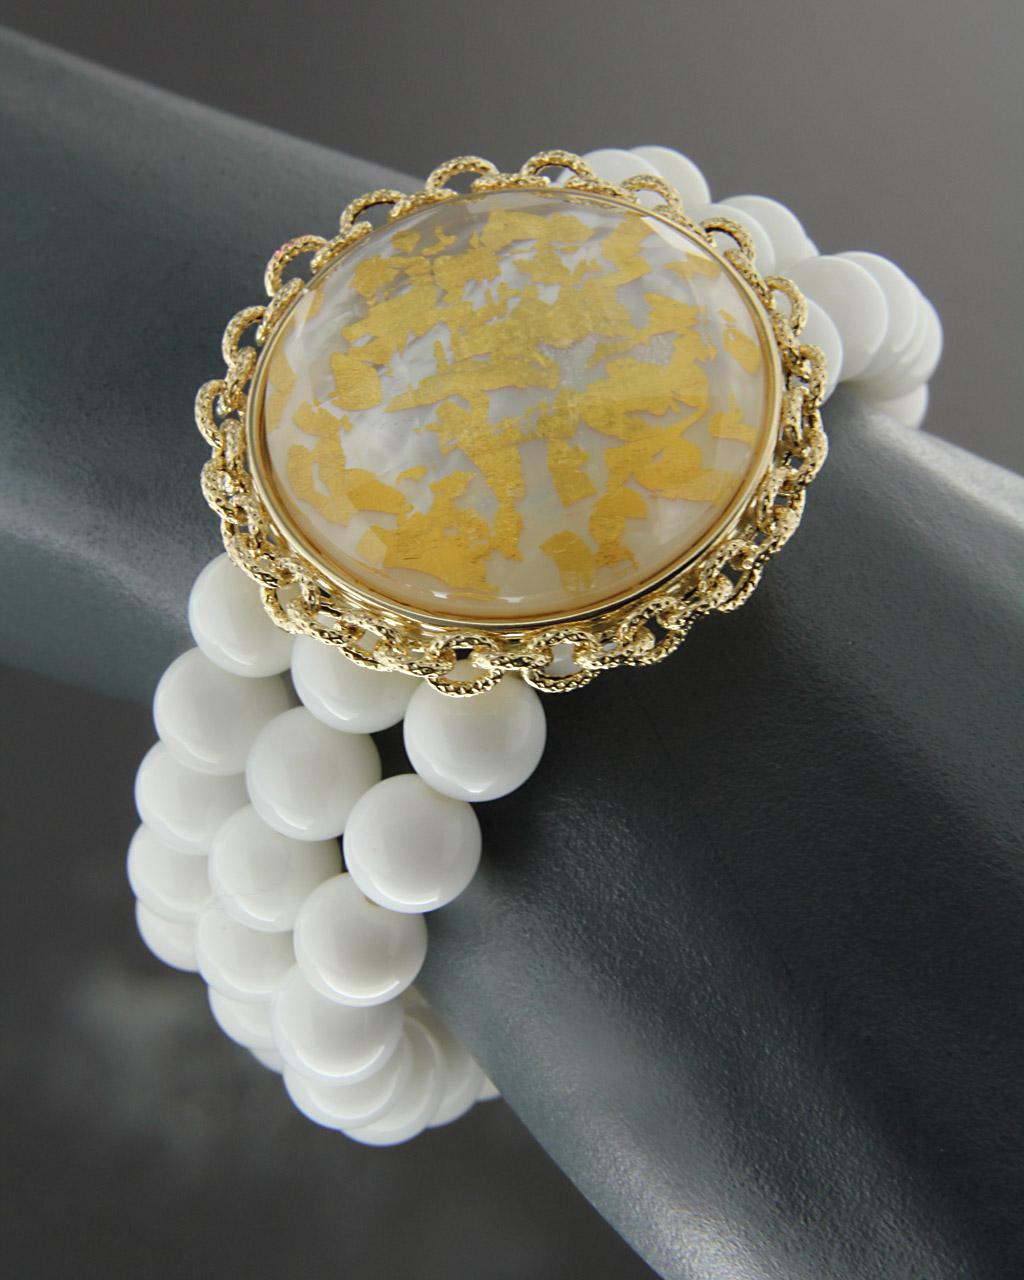 Βραχιόλι χρυσό Κ14 με Quartz   γυναικα βραχιόλια βραχιόλια χρυσά